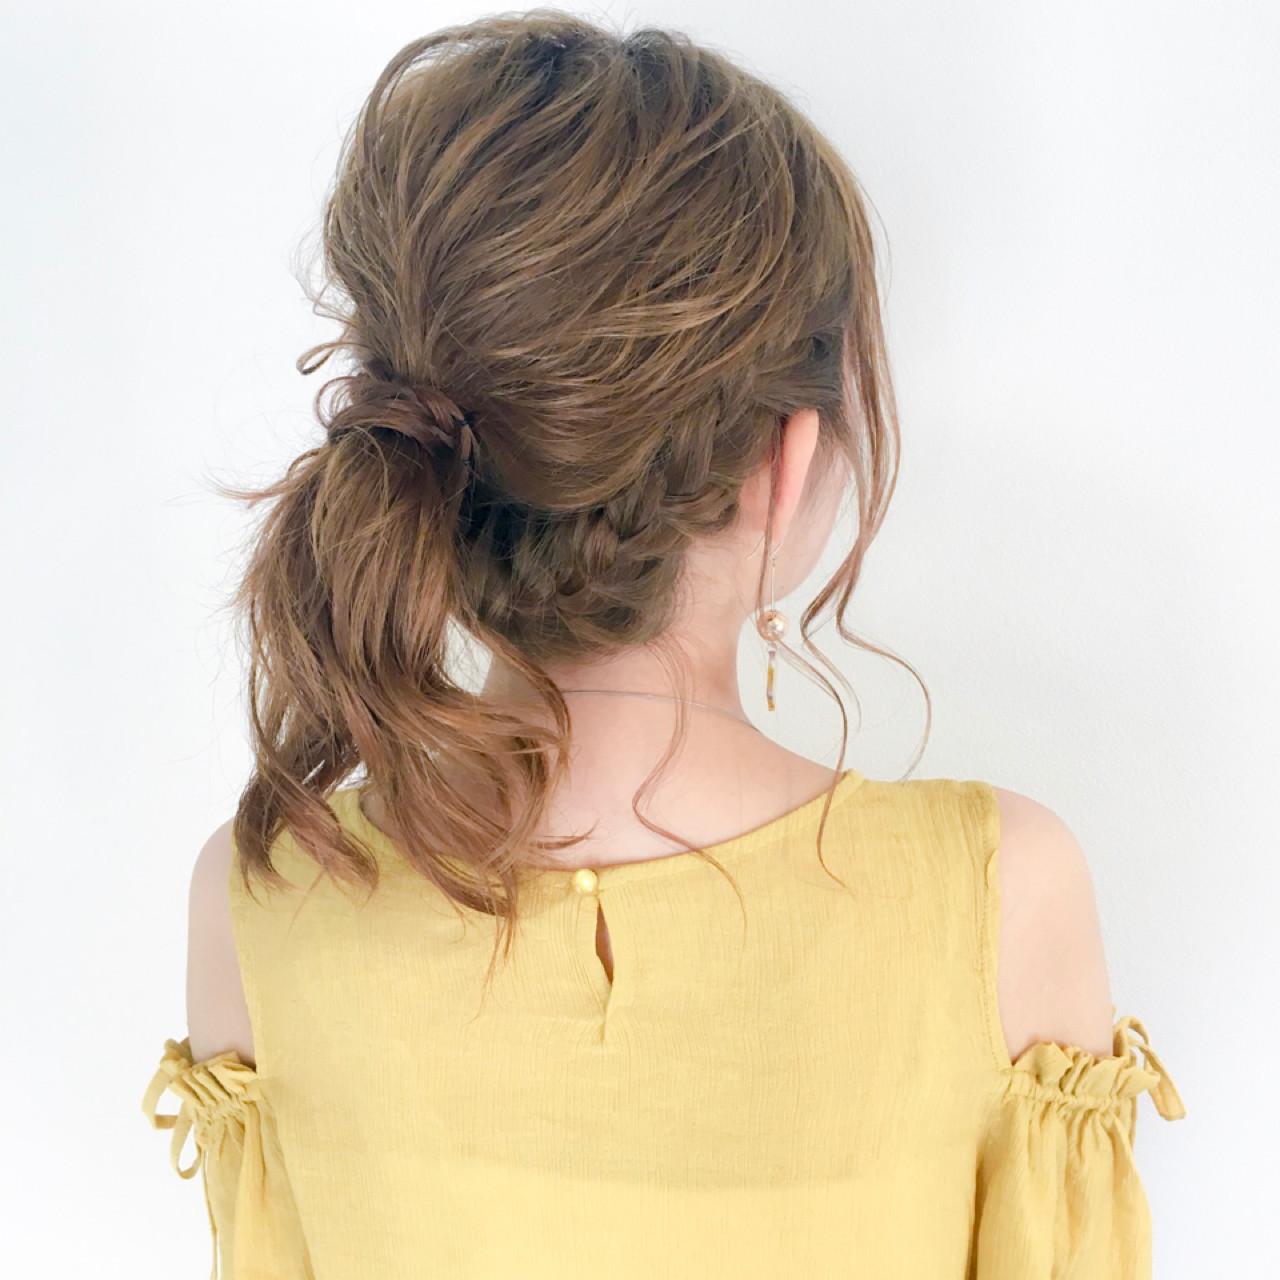 チラッと見える三つ編み込みがポイント! 美容師 HIRO | Amoute/アムティ